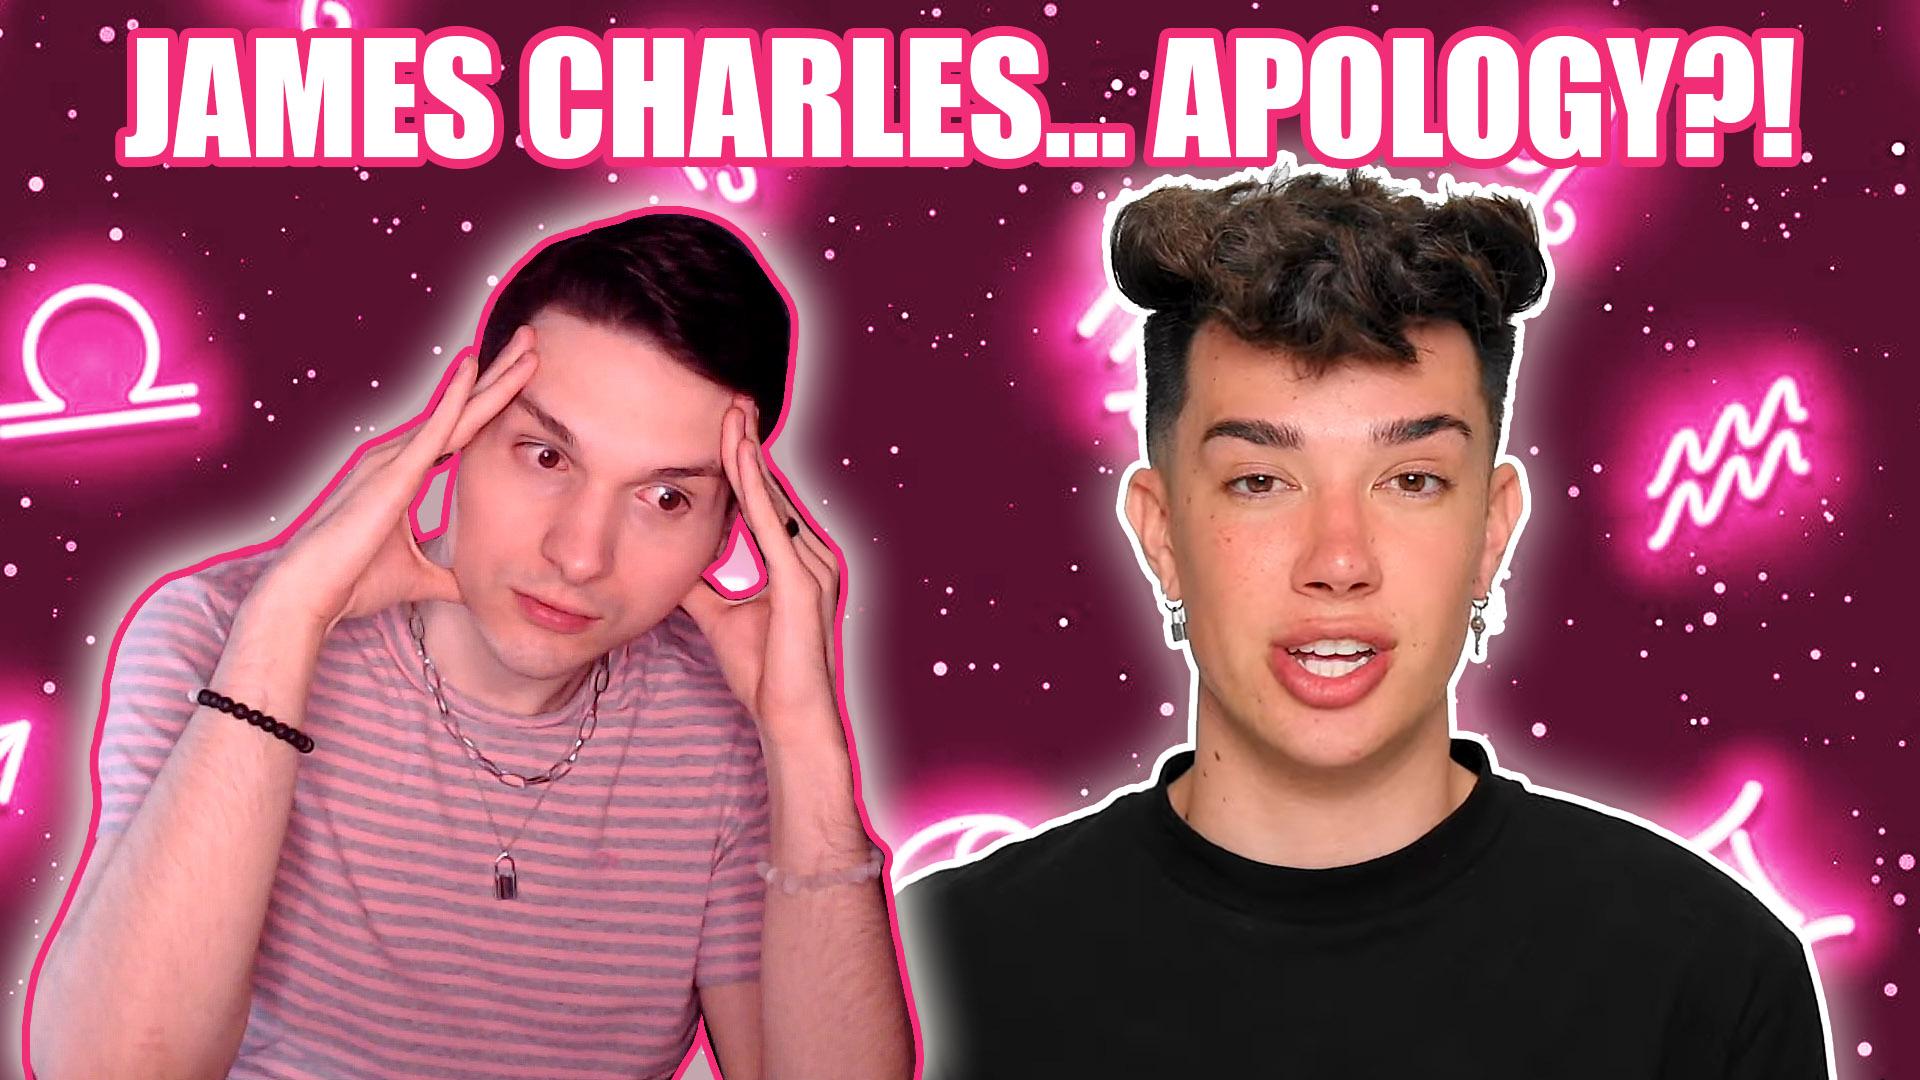 james charles apology